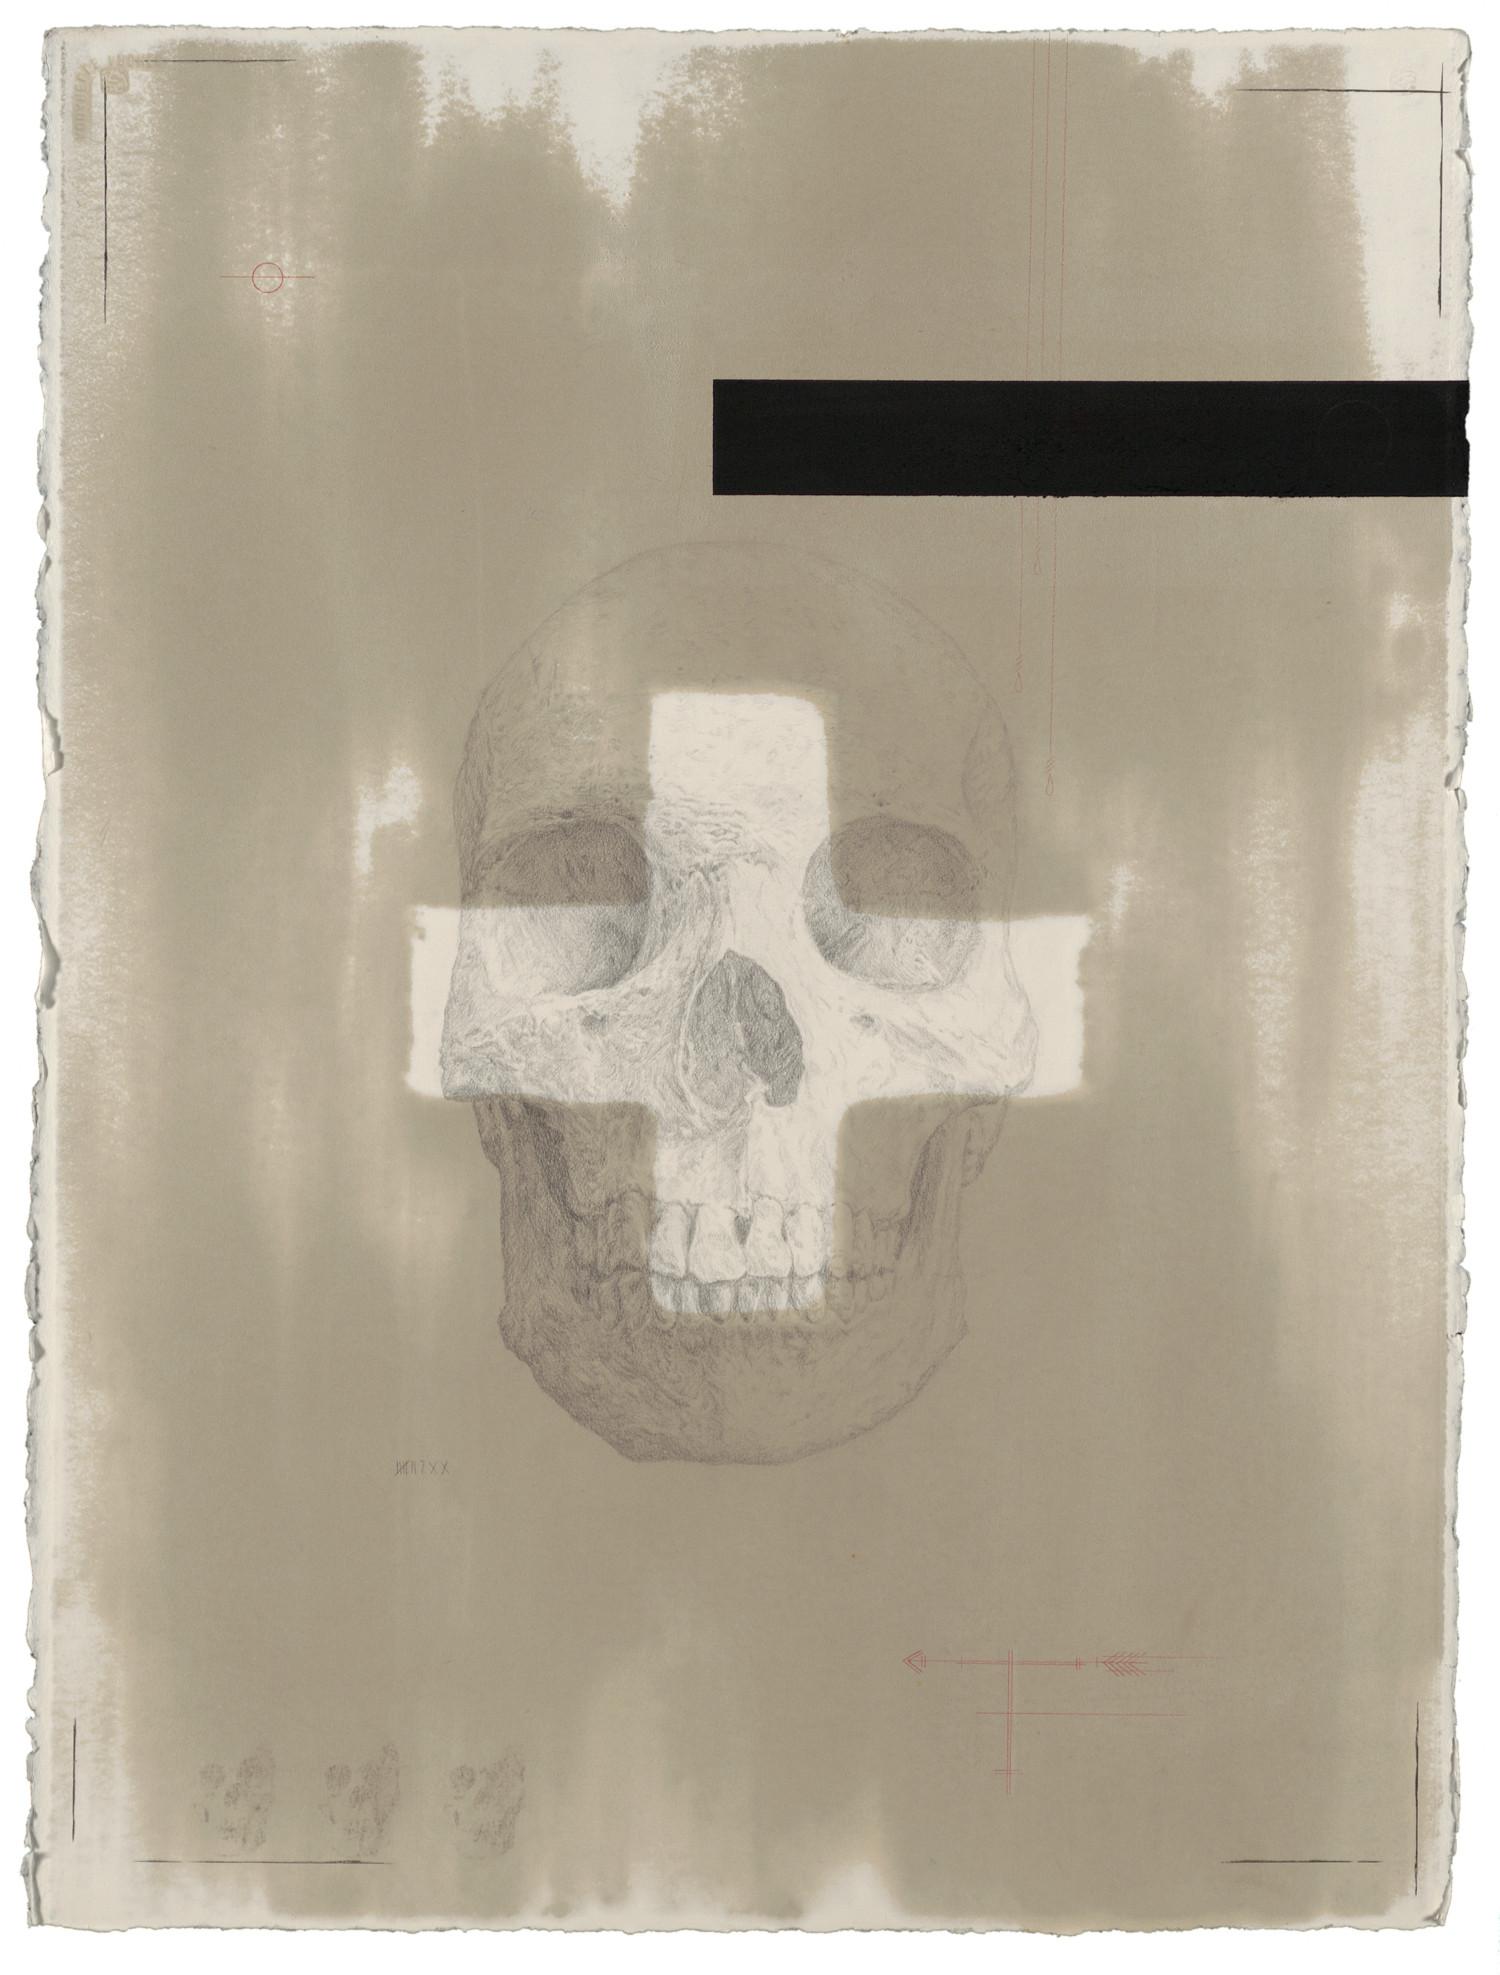 Skull-Print-full_edit.jpg